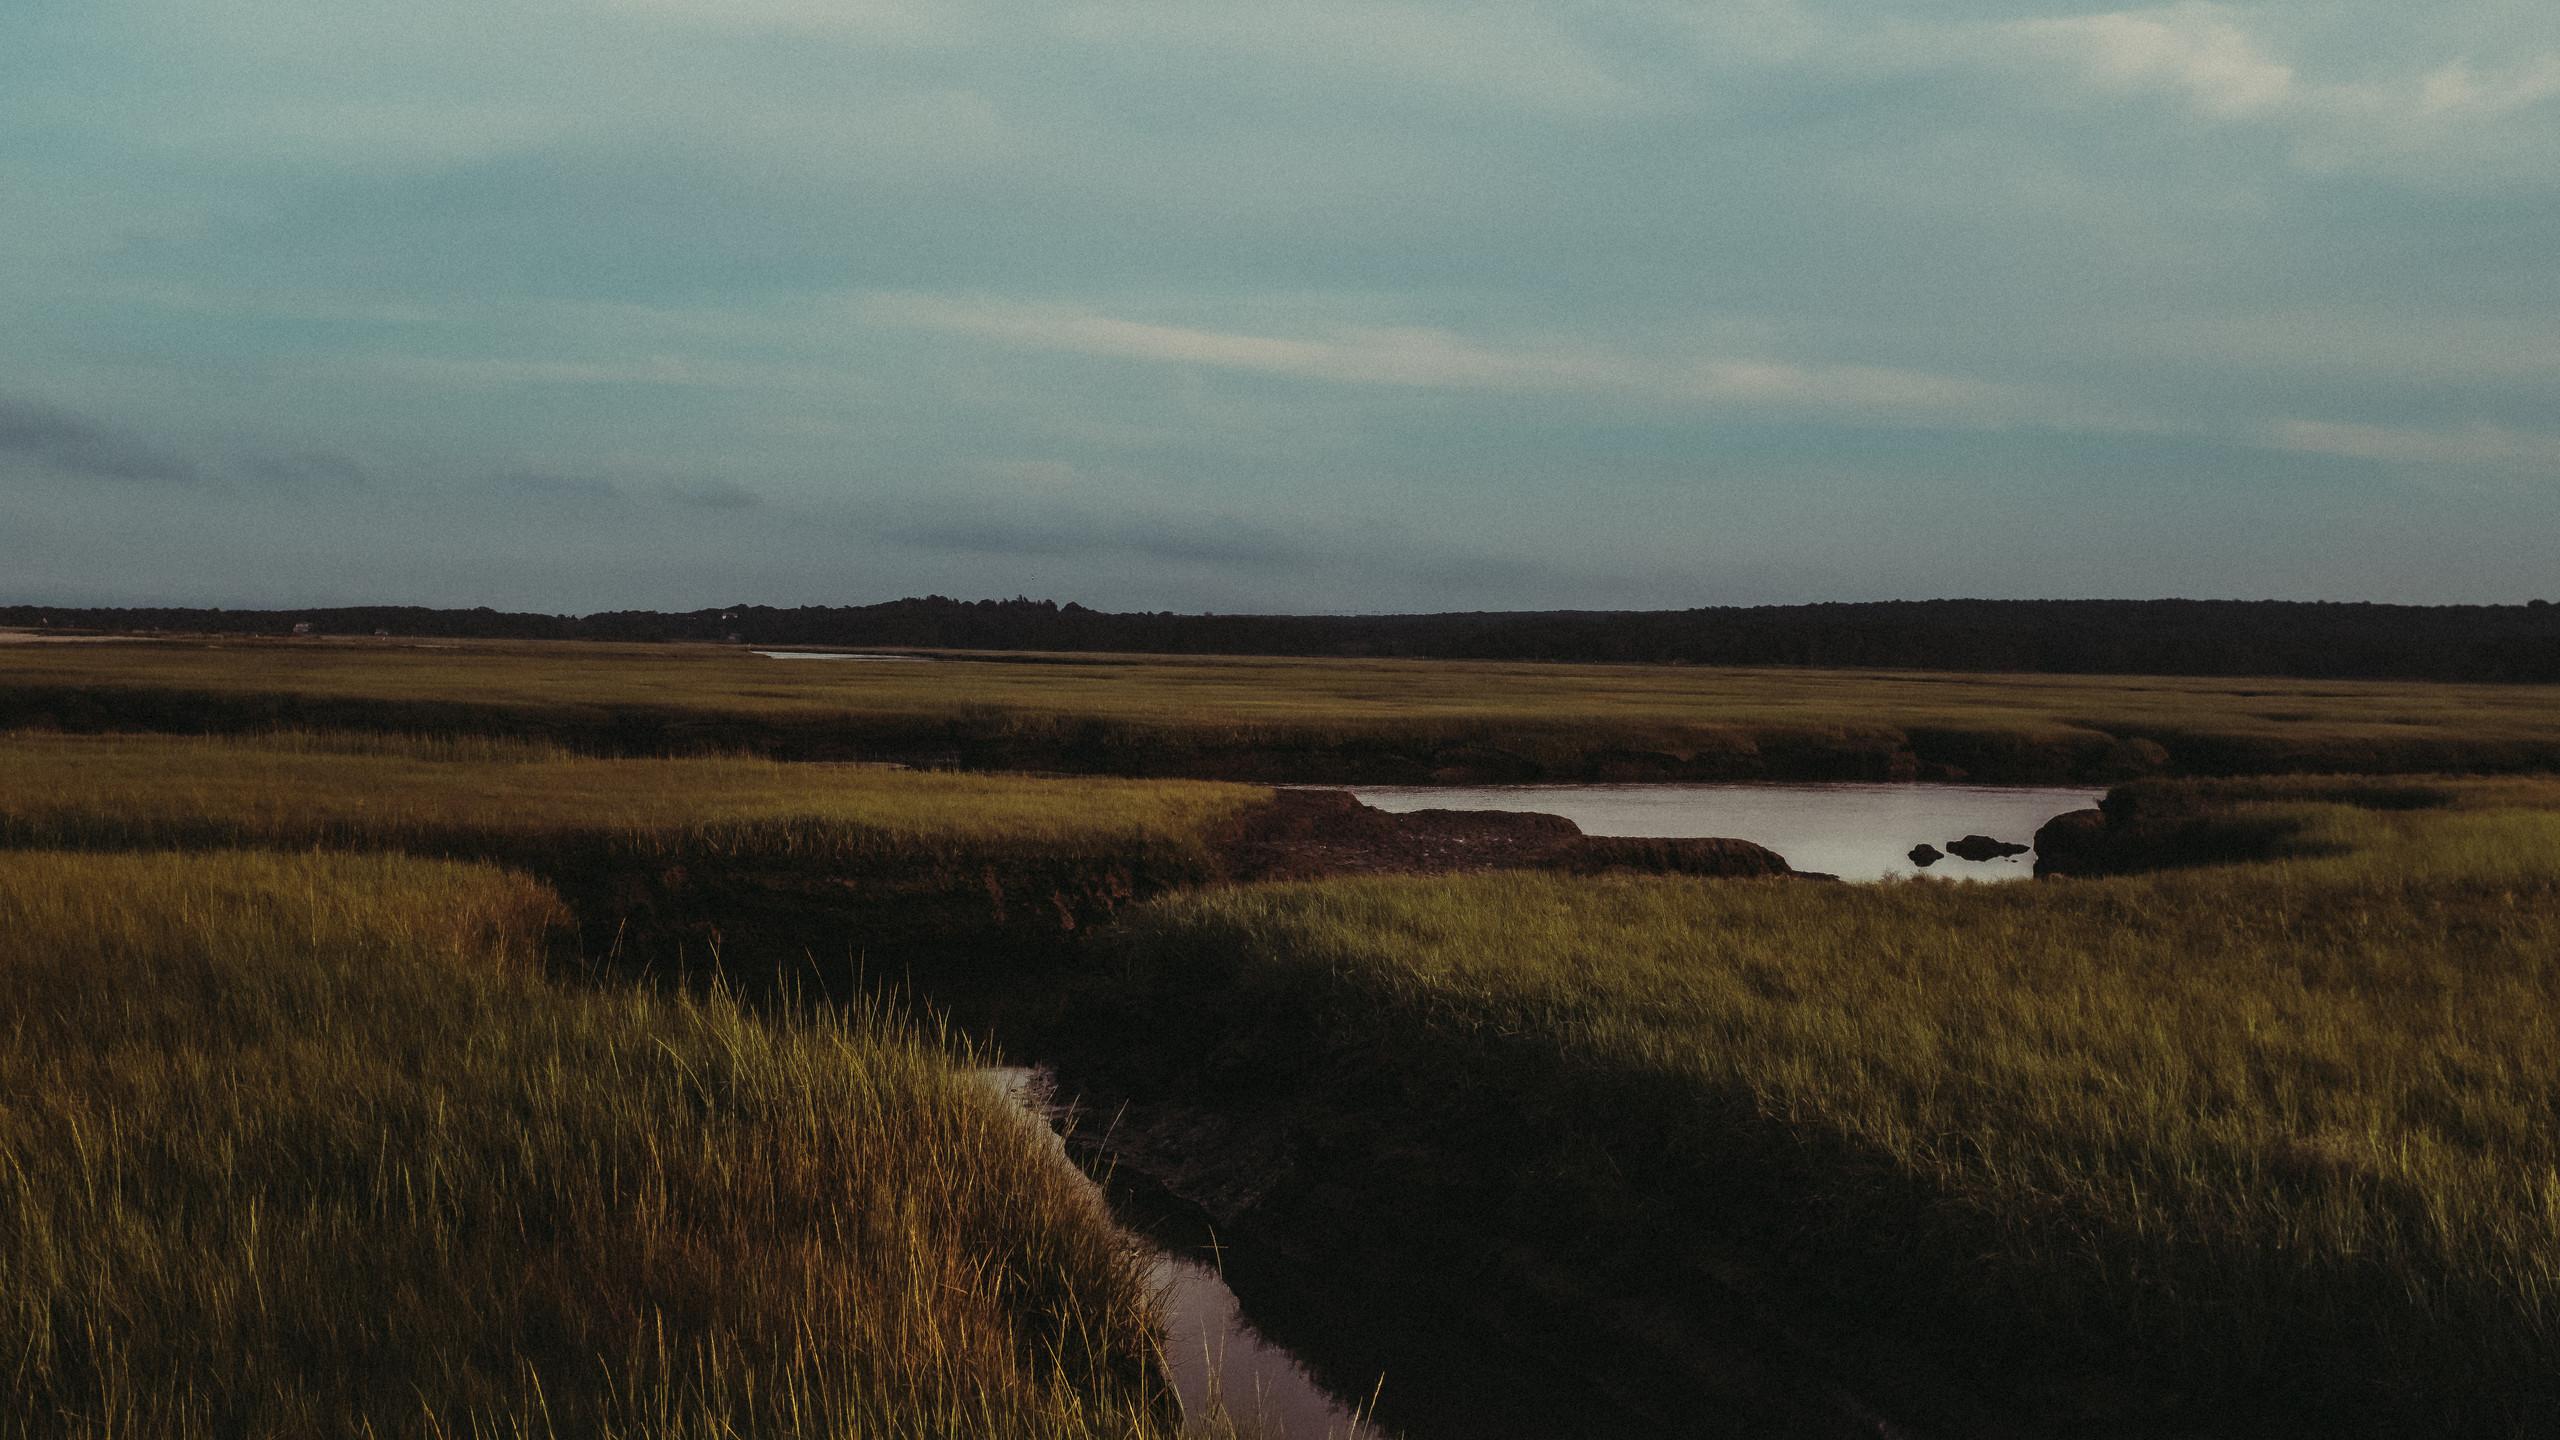 Bogs at Sandwich Beach, Cape Cod